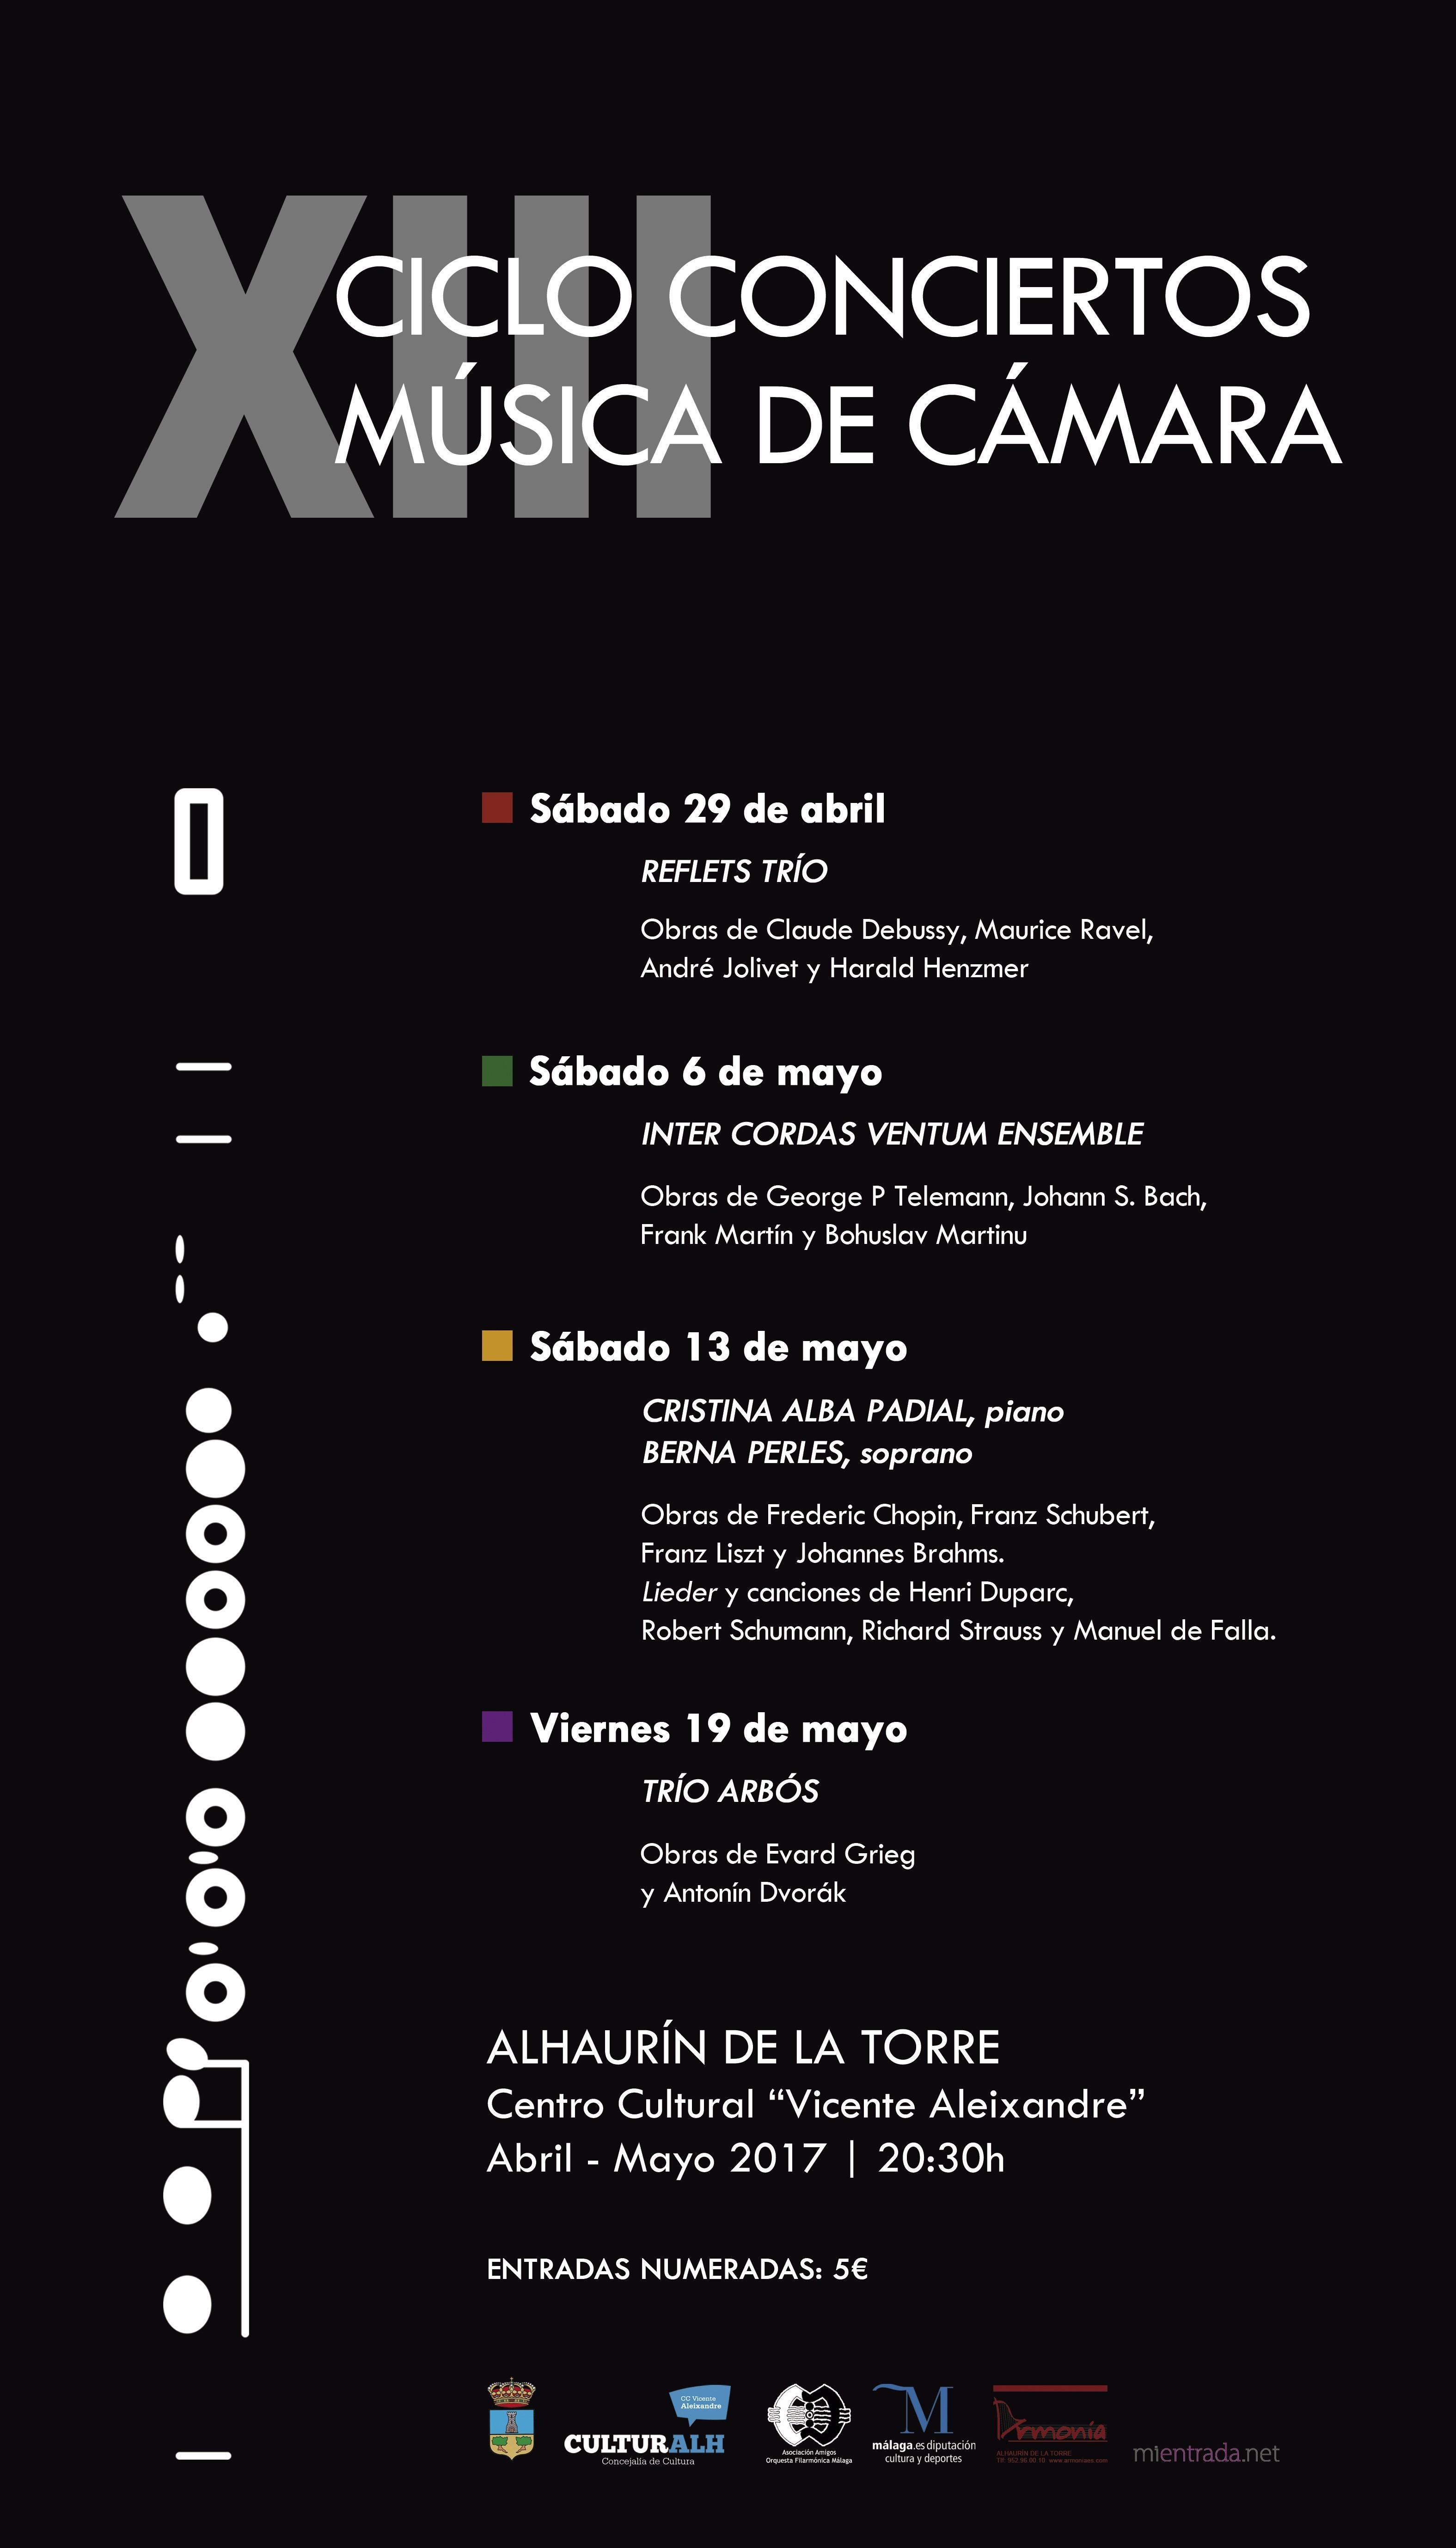 calendario 2019 con semanas numeradas XIII Ciclo de Mºsica de Cámara